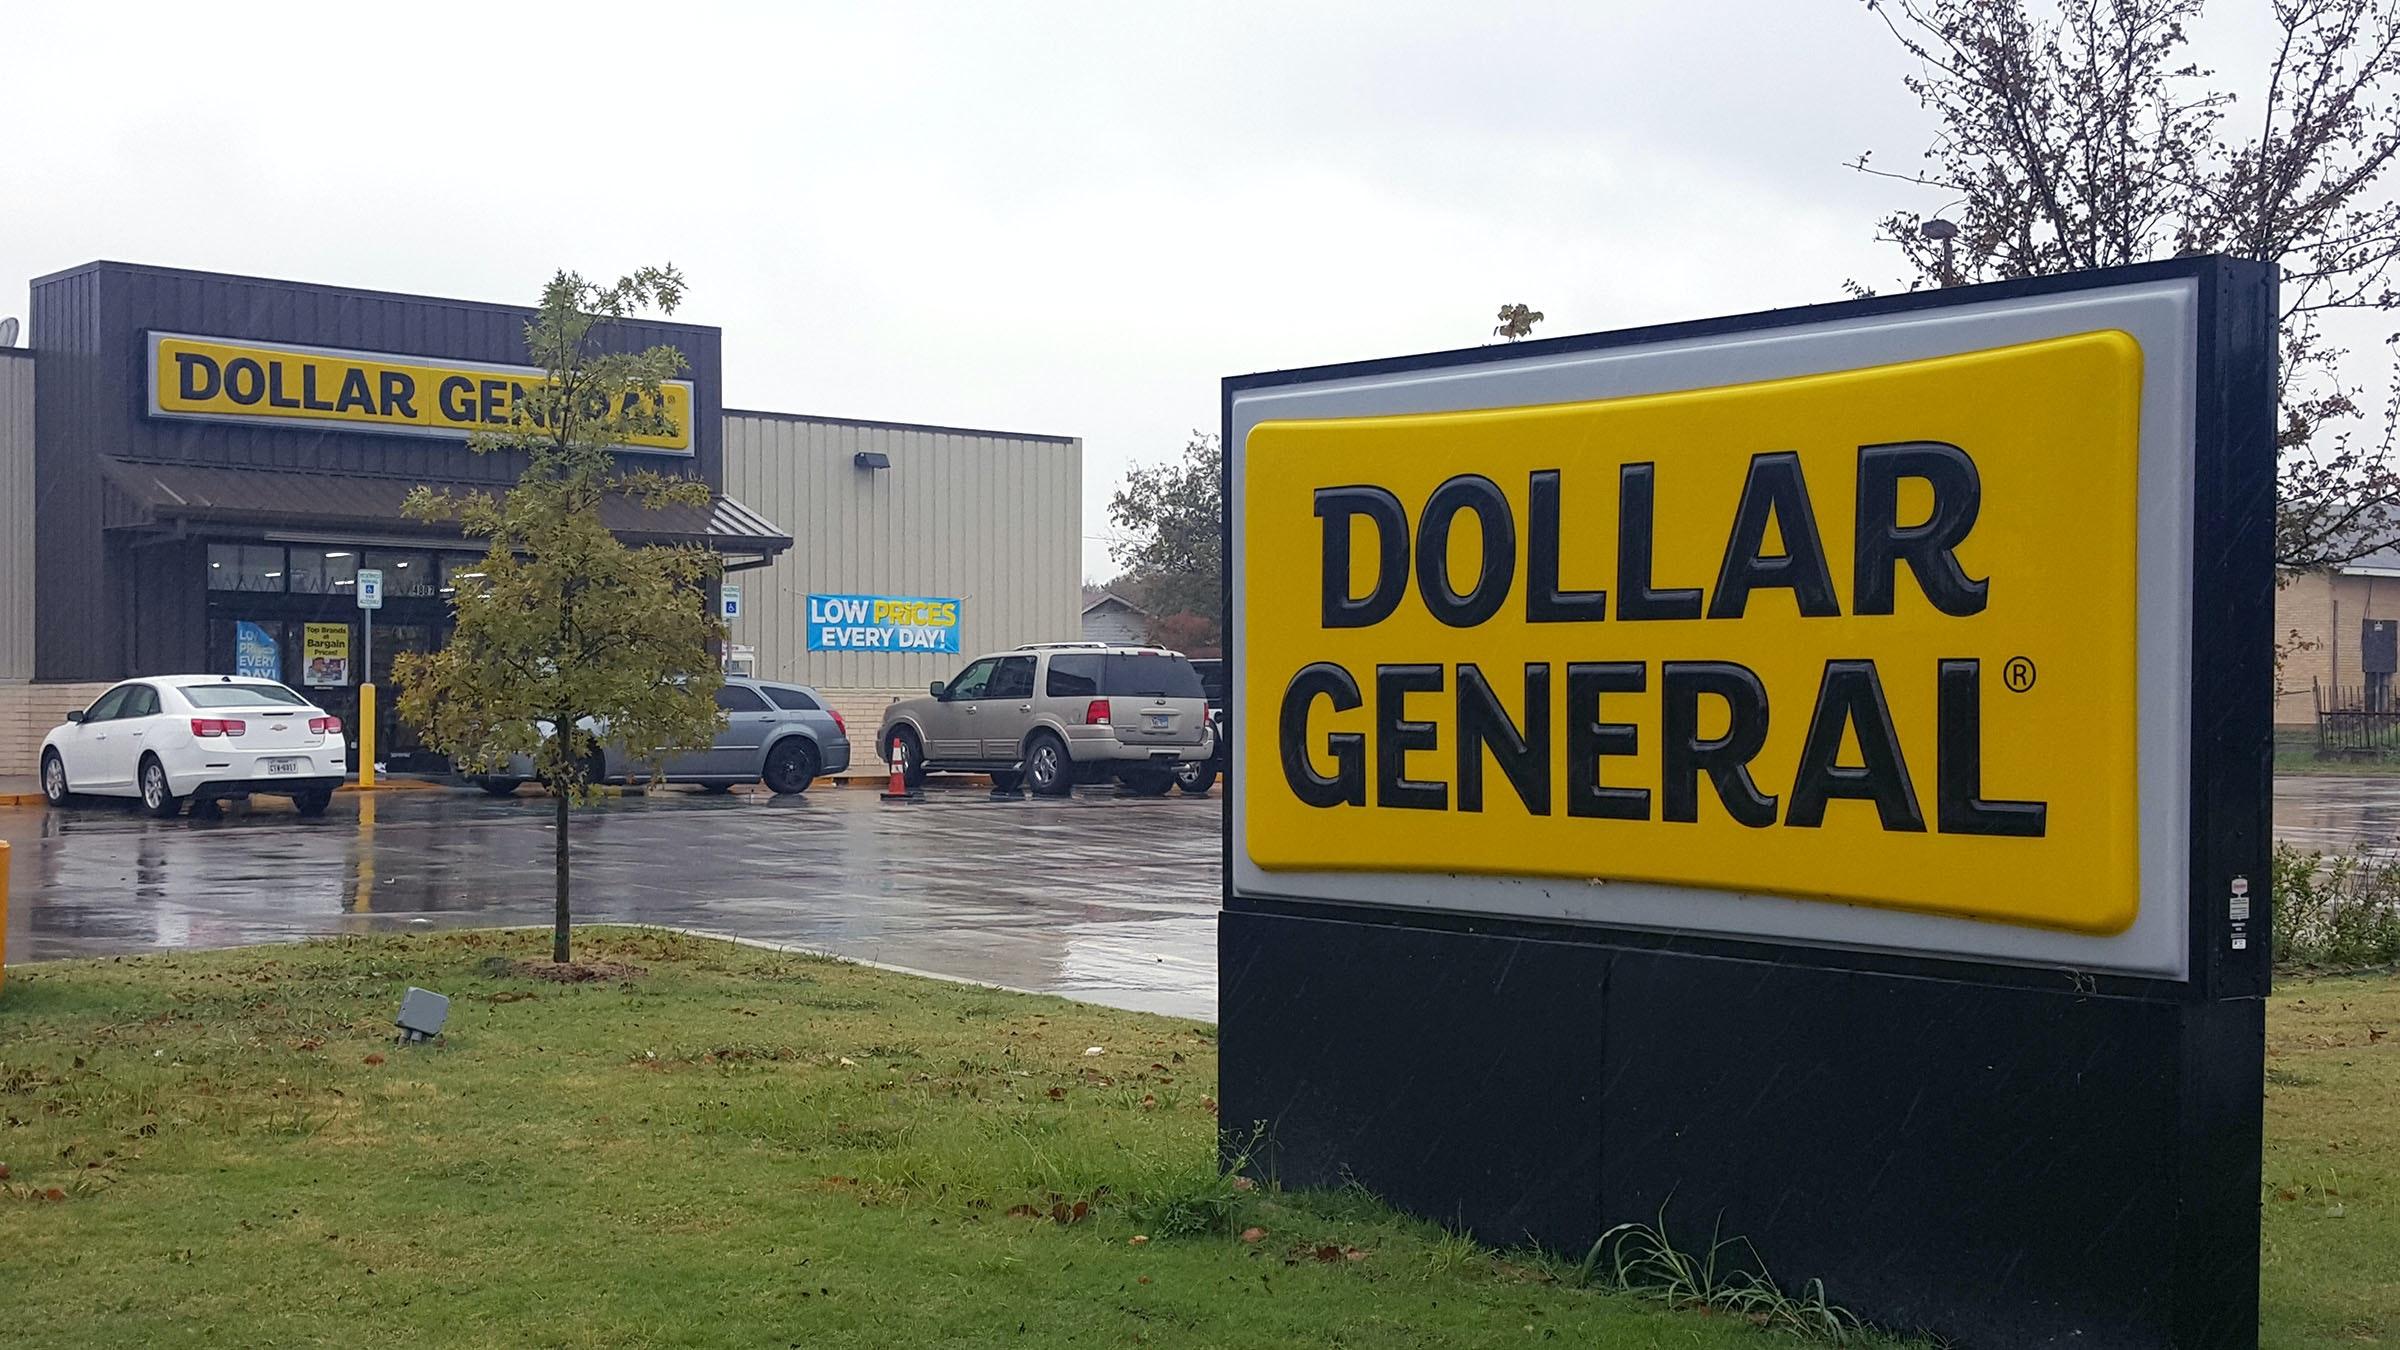 Dollar gentral